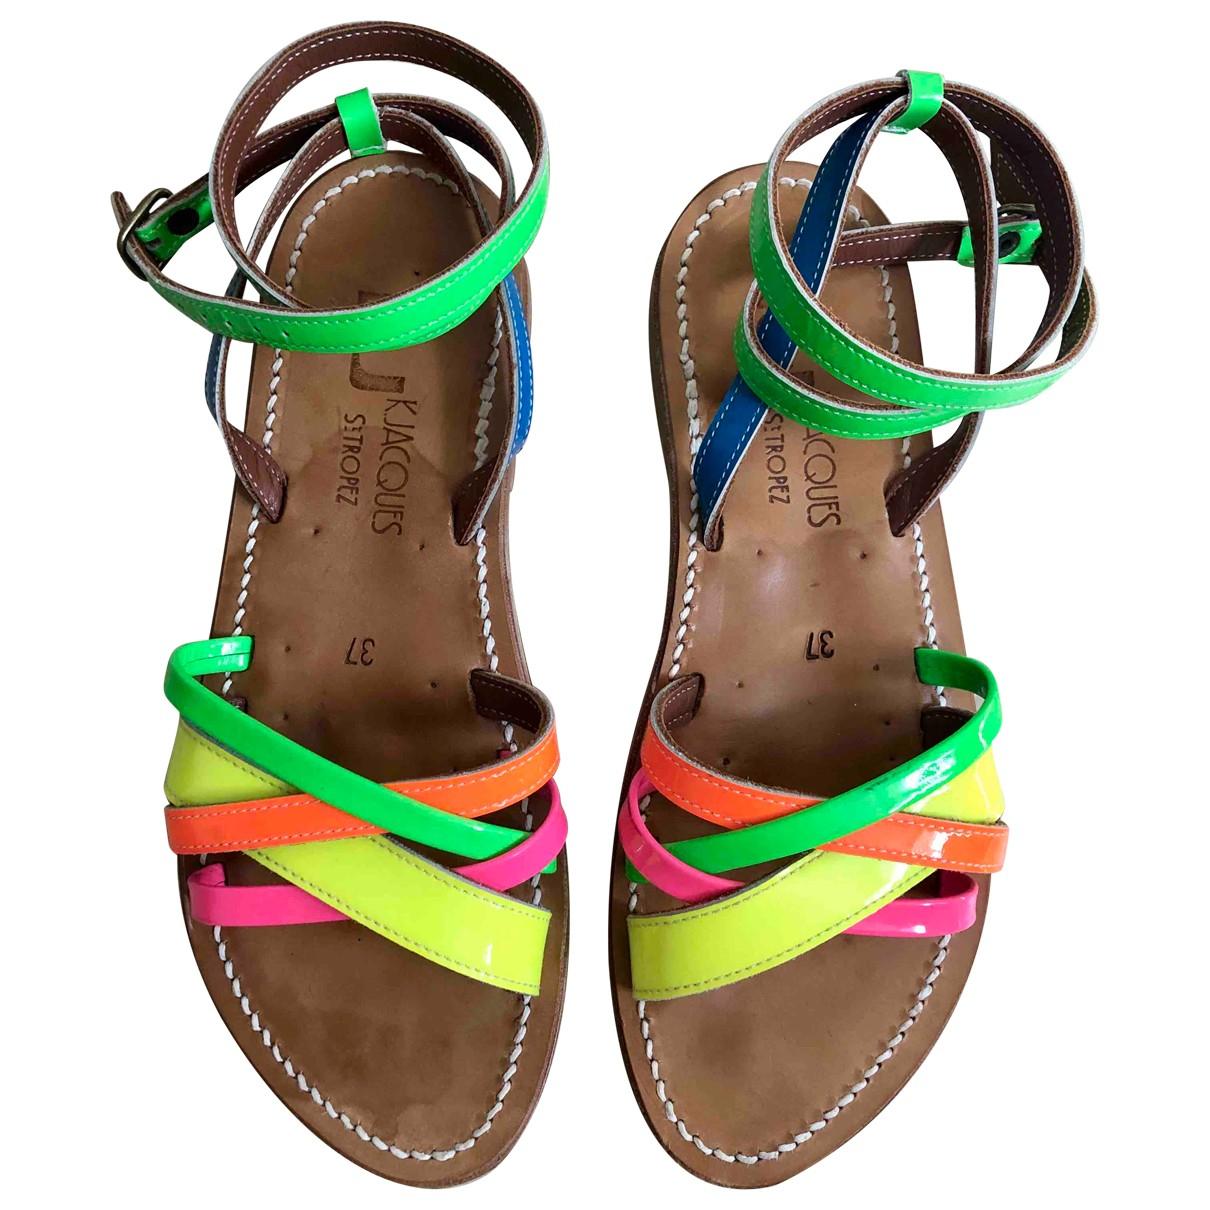 K Jacques \N Multicolour Patent leather Sandals for Women 37 EU